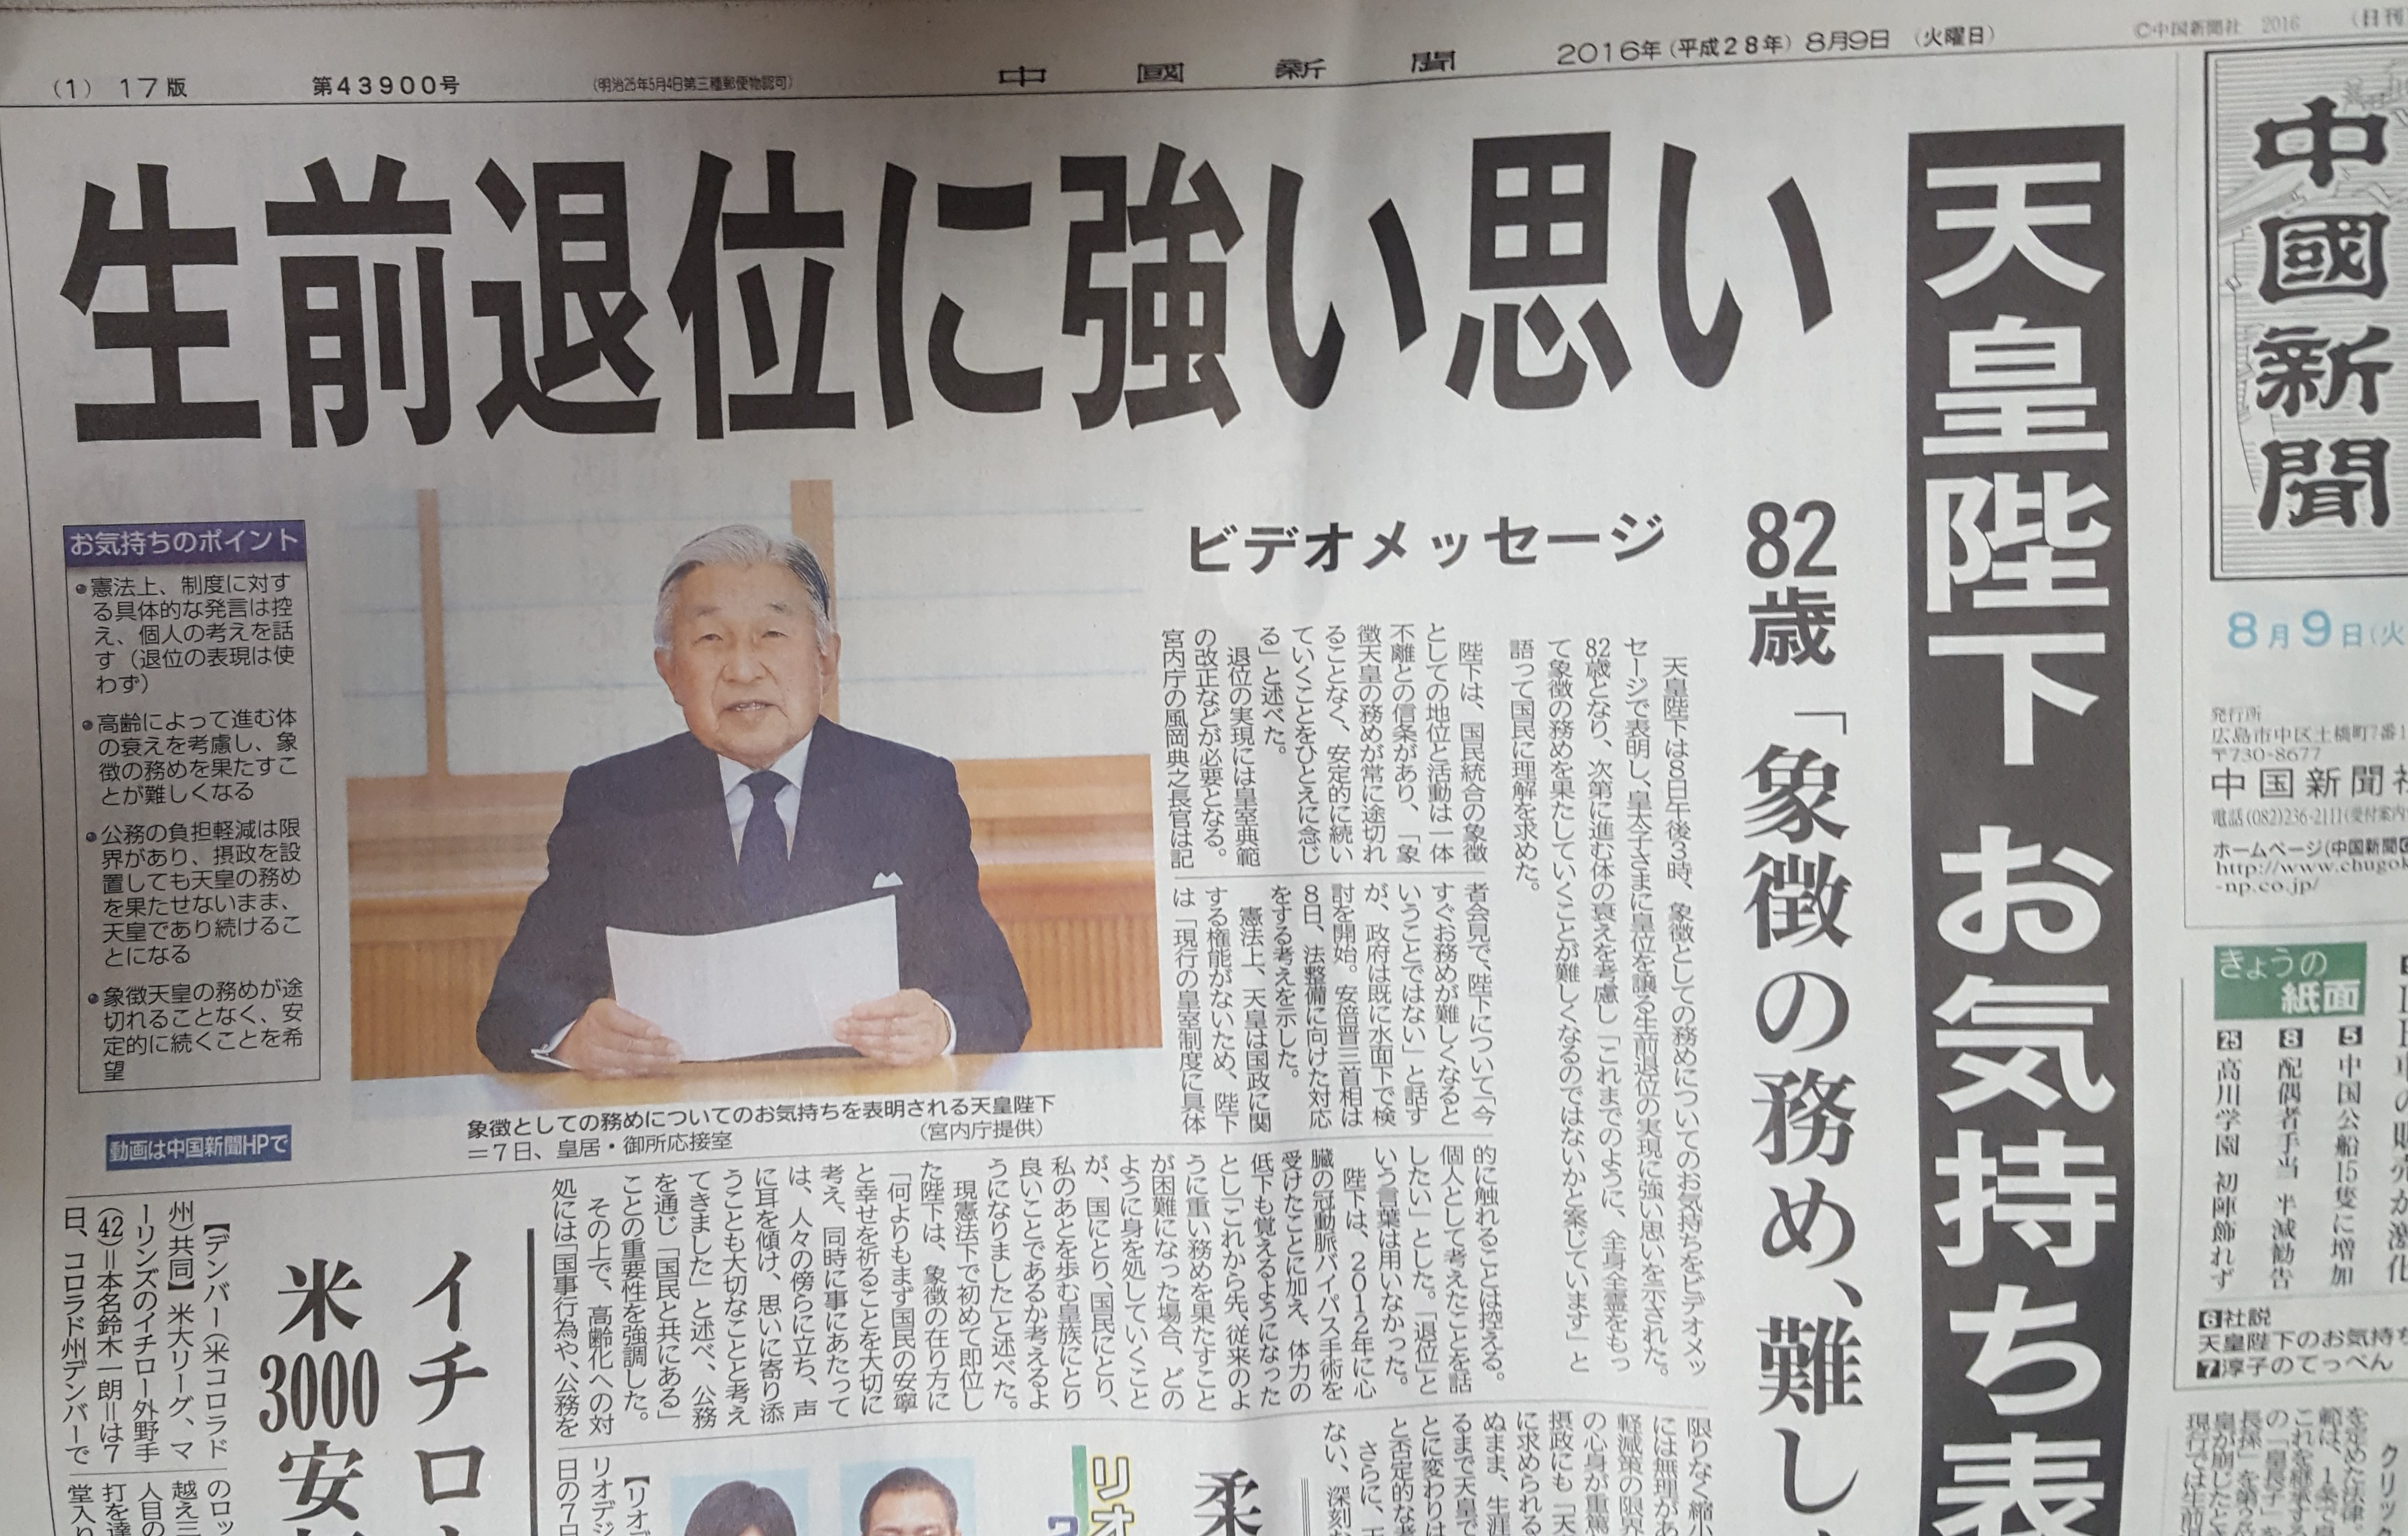 chugoku front page